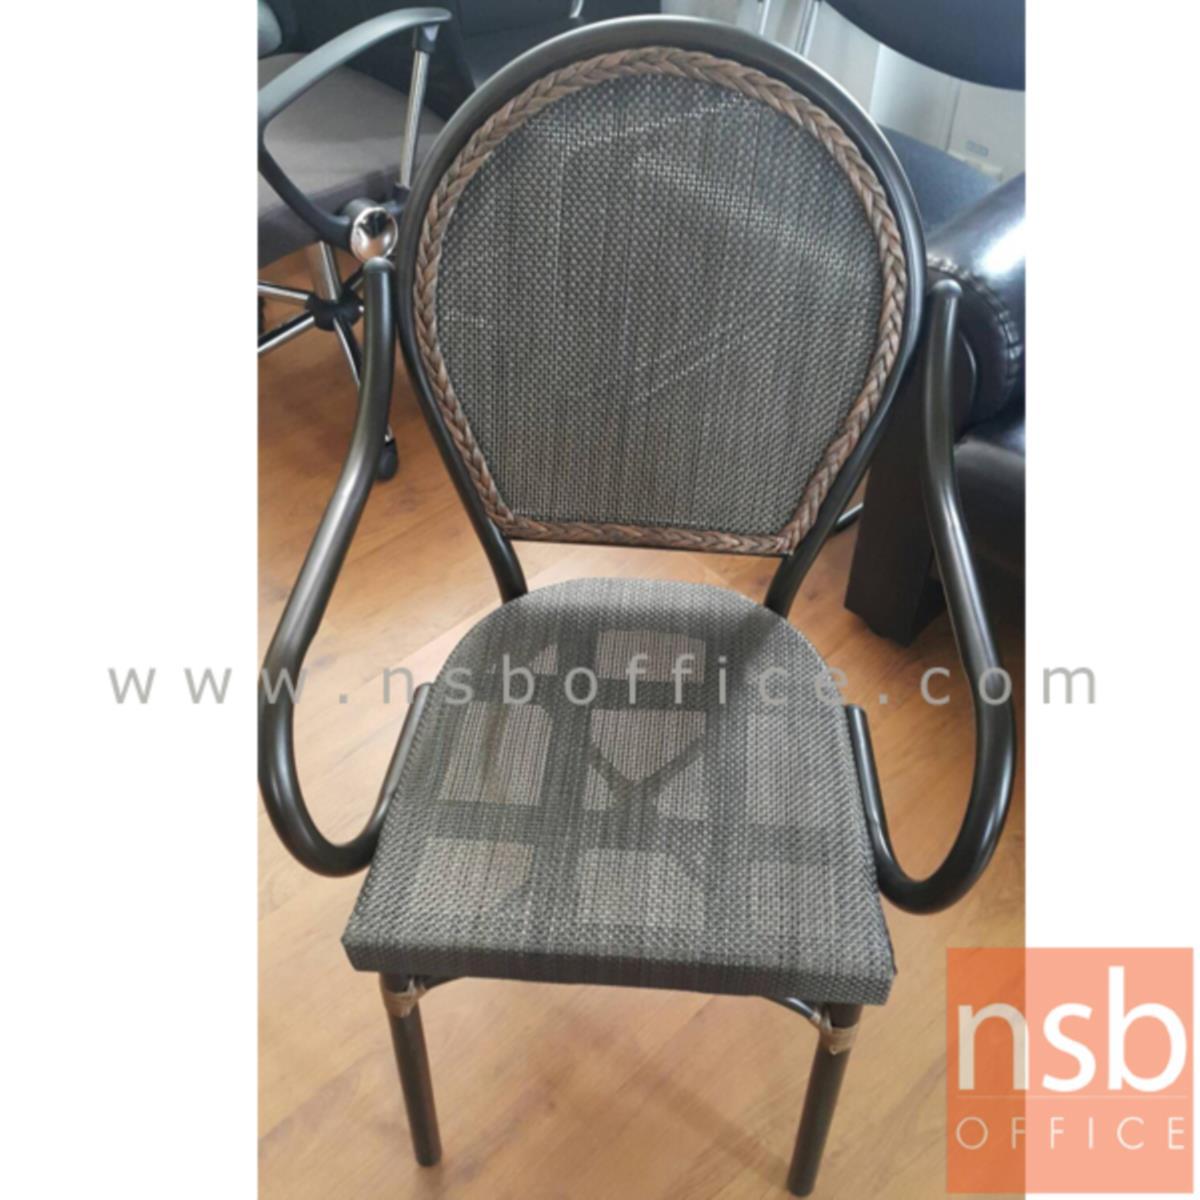 เก้าอี้สนามหวายเทียมสาน โครงเหล็ก รุ่น Basic 1 มีท้าวแขน